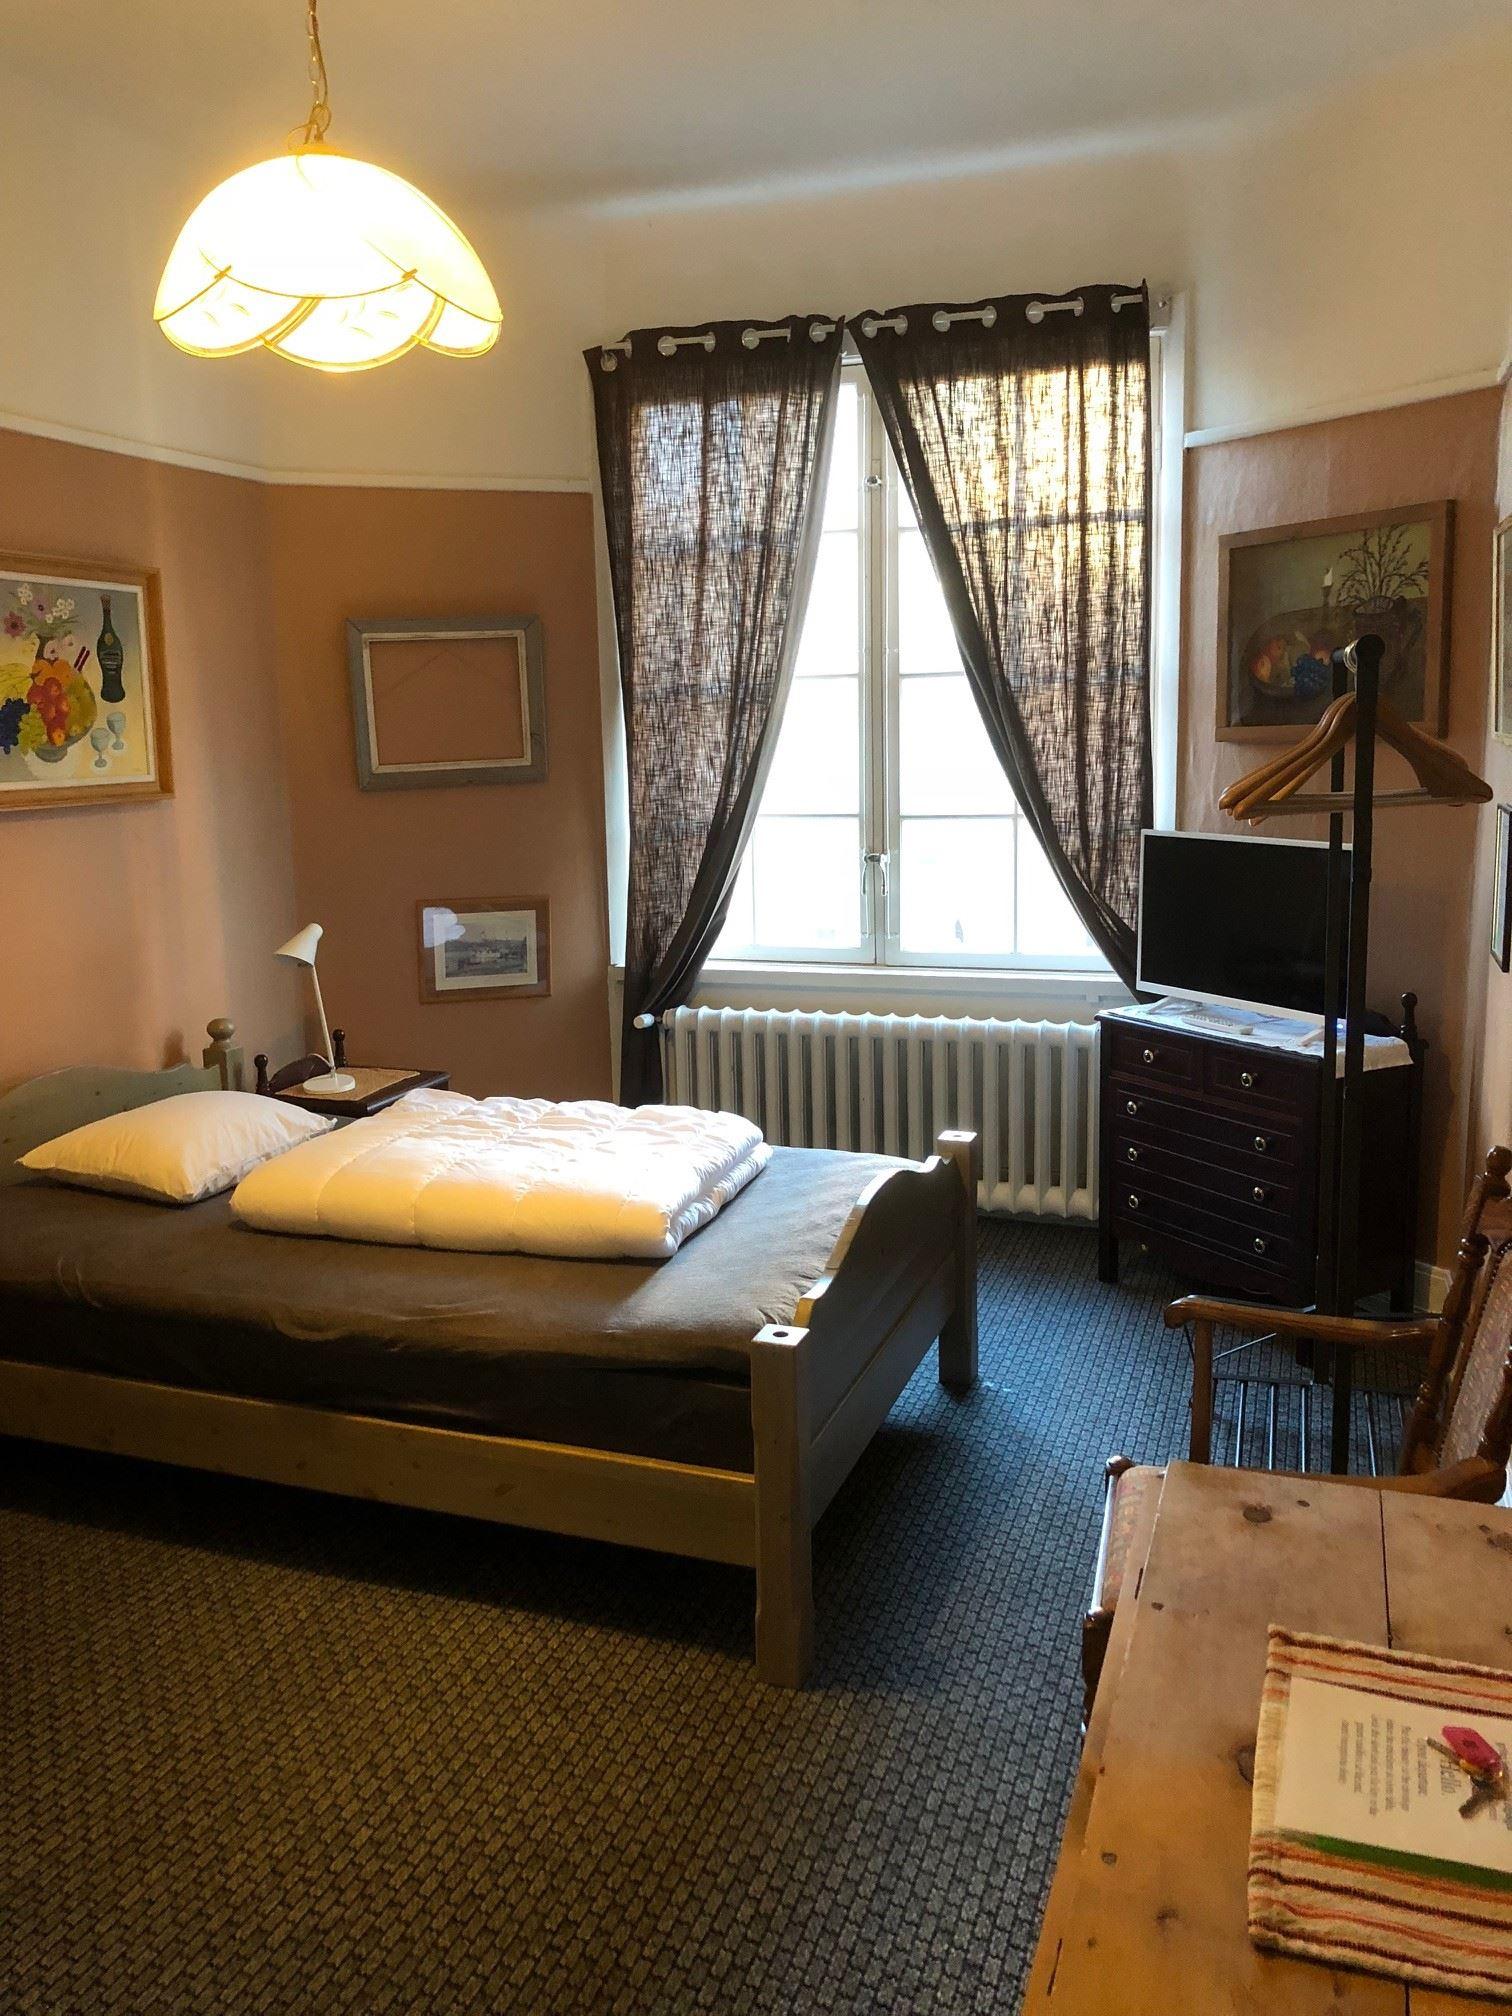 Foto: Leopold Bed & Breakfast,  © Copy: Leopold Bed & Breakfast, Room